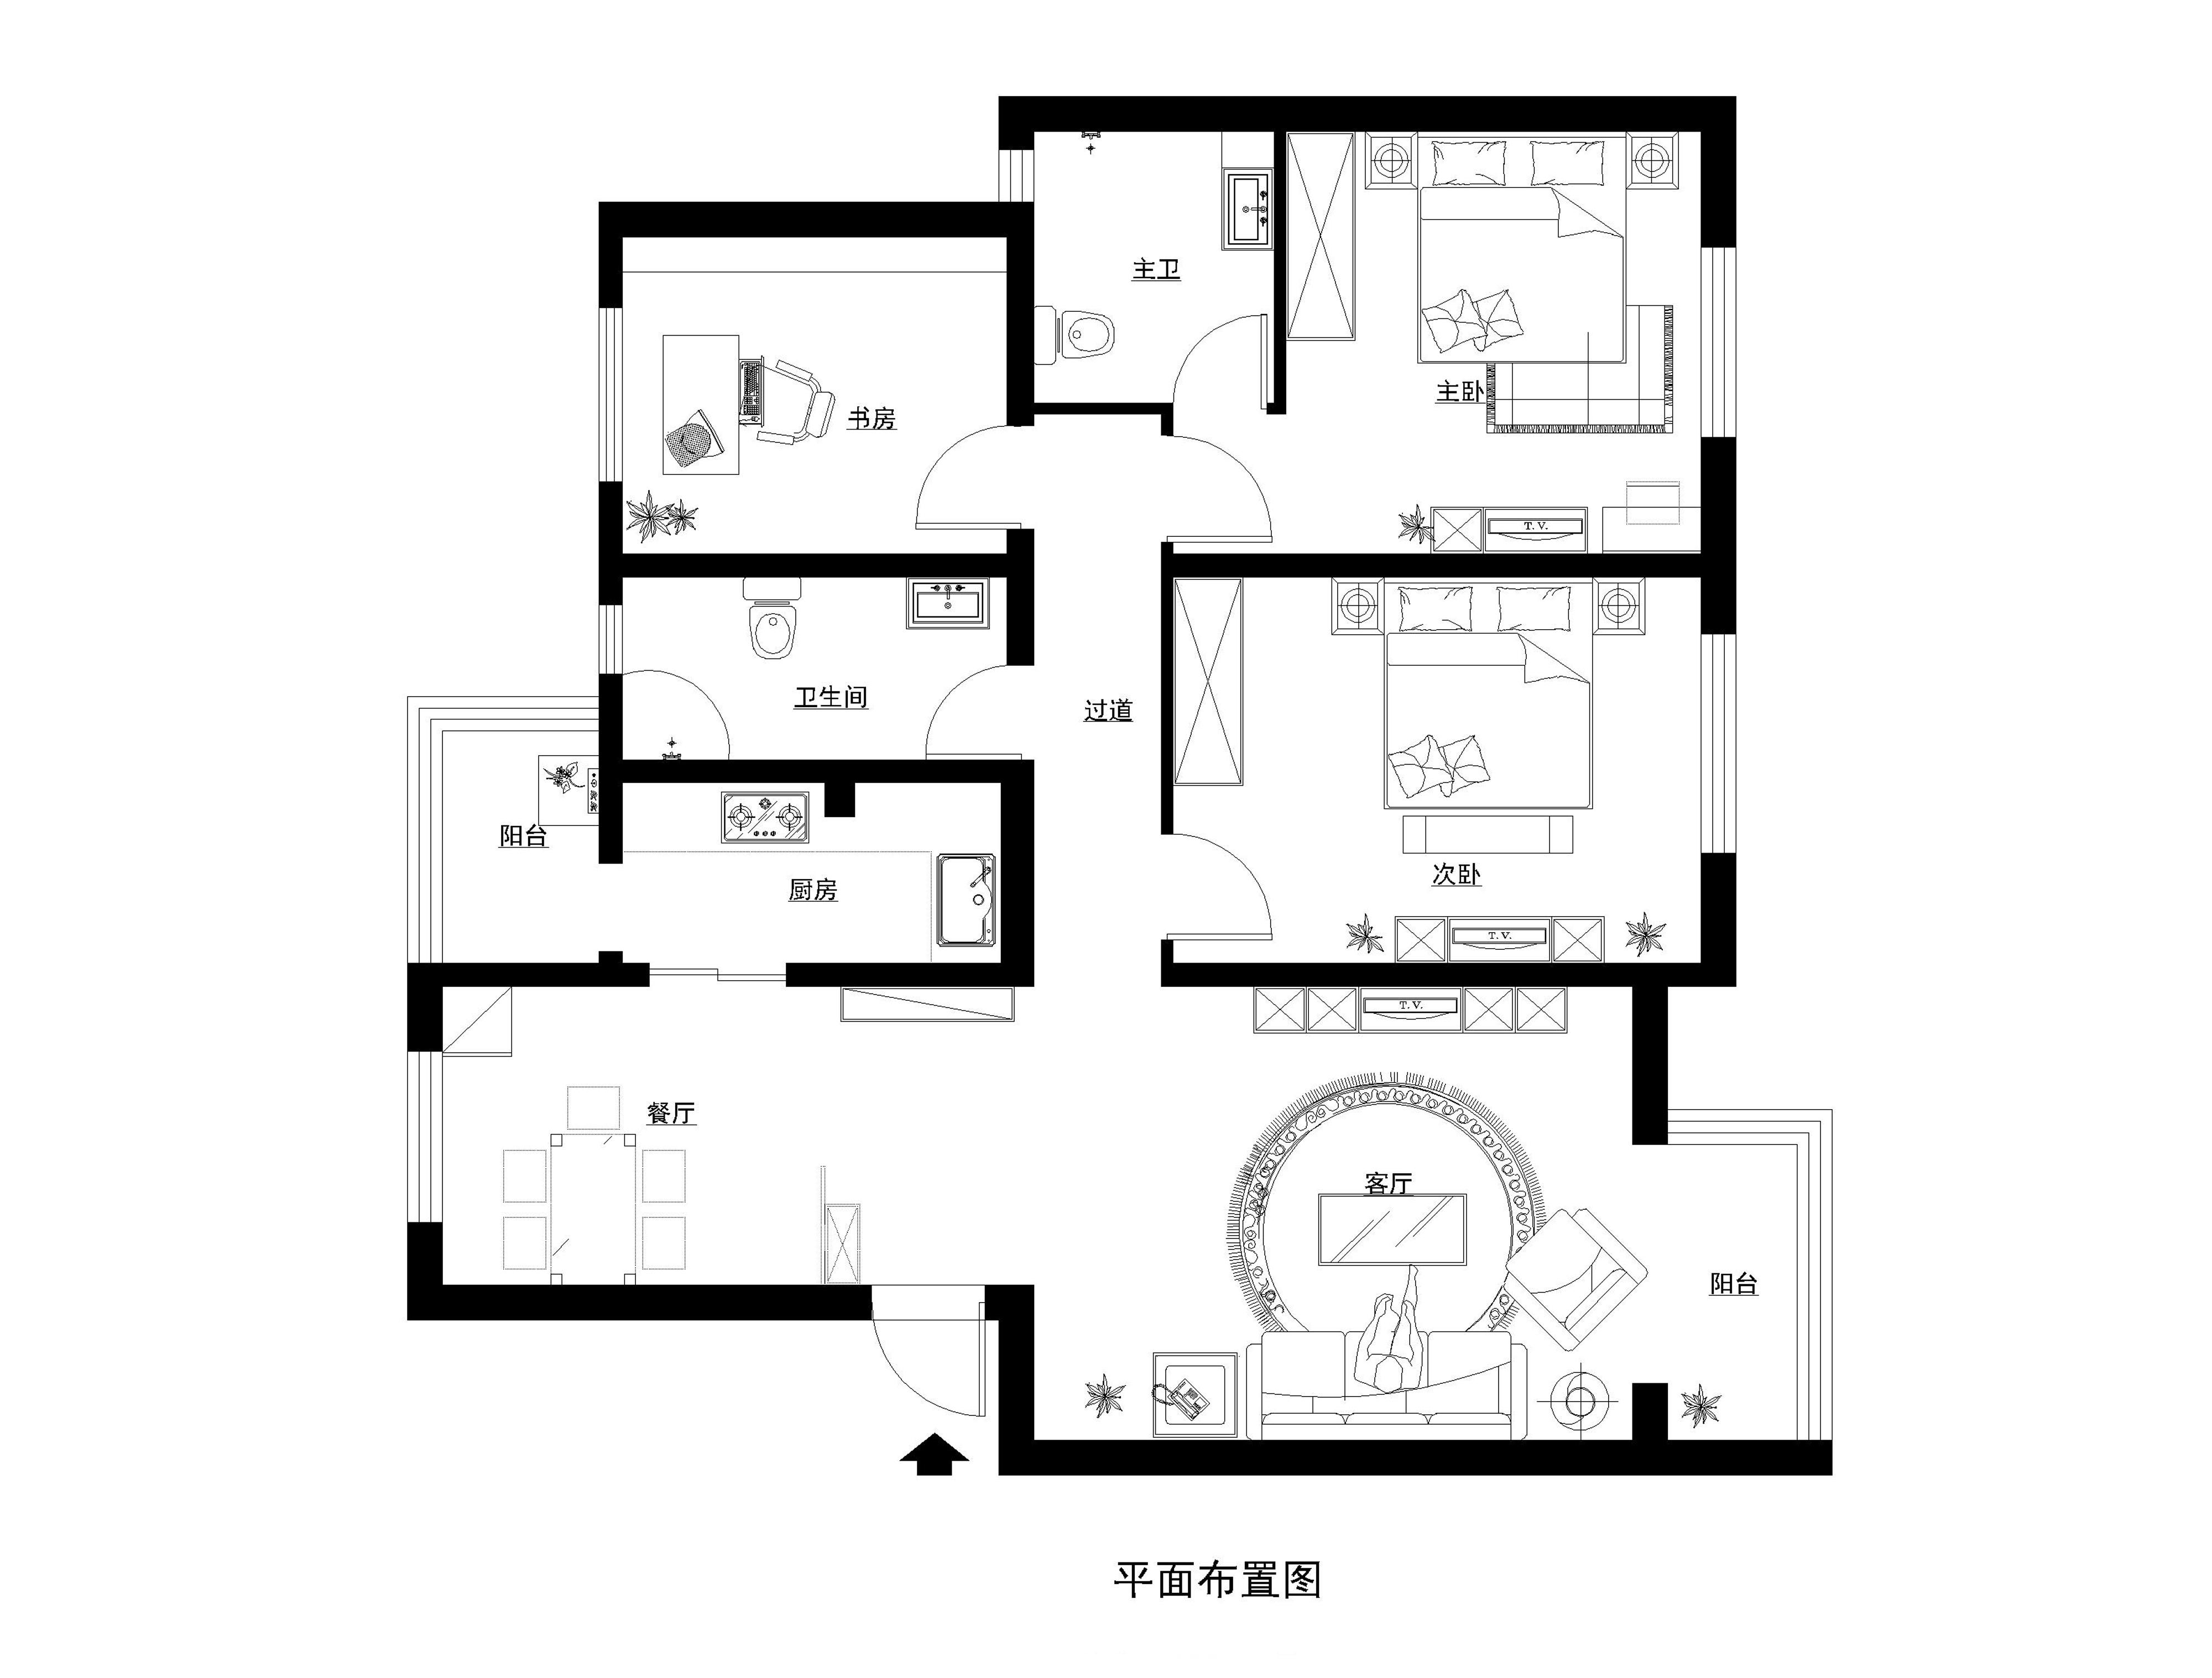 简约 欧式 三居 户型图图片来自实创装饰上海公司在清新雅致三居室欧式装修的分享